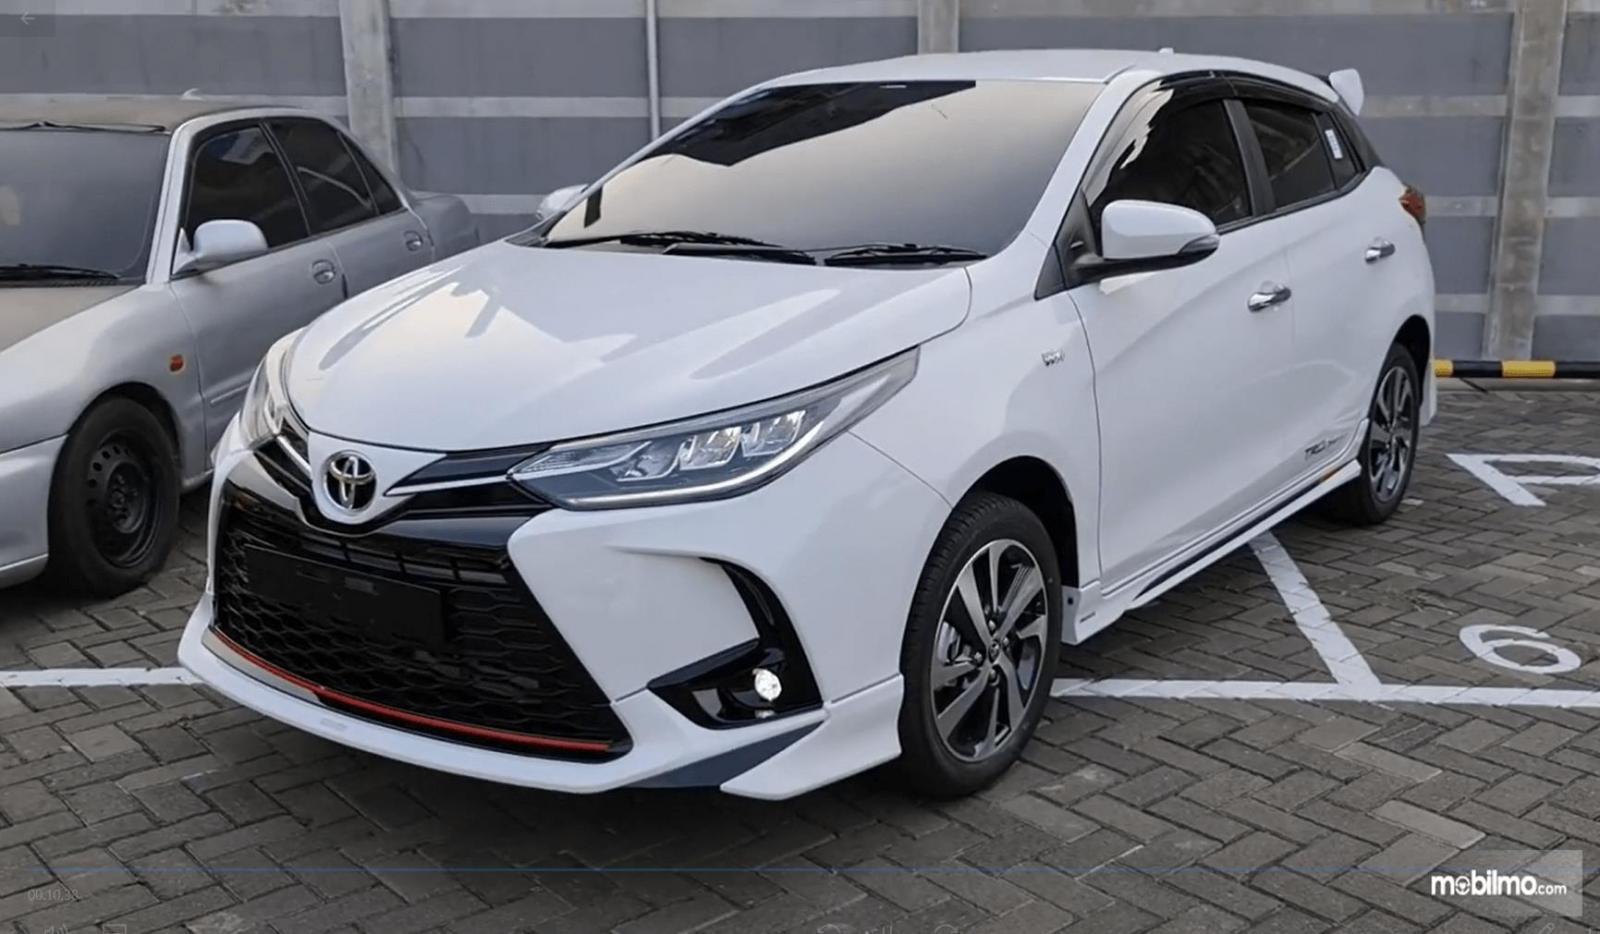 Gambar ini menunjukkan sisi samping mobil Toyota Yaris TRD Sportivo CVT 2020